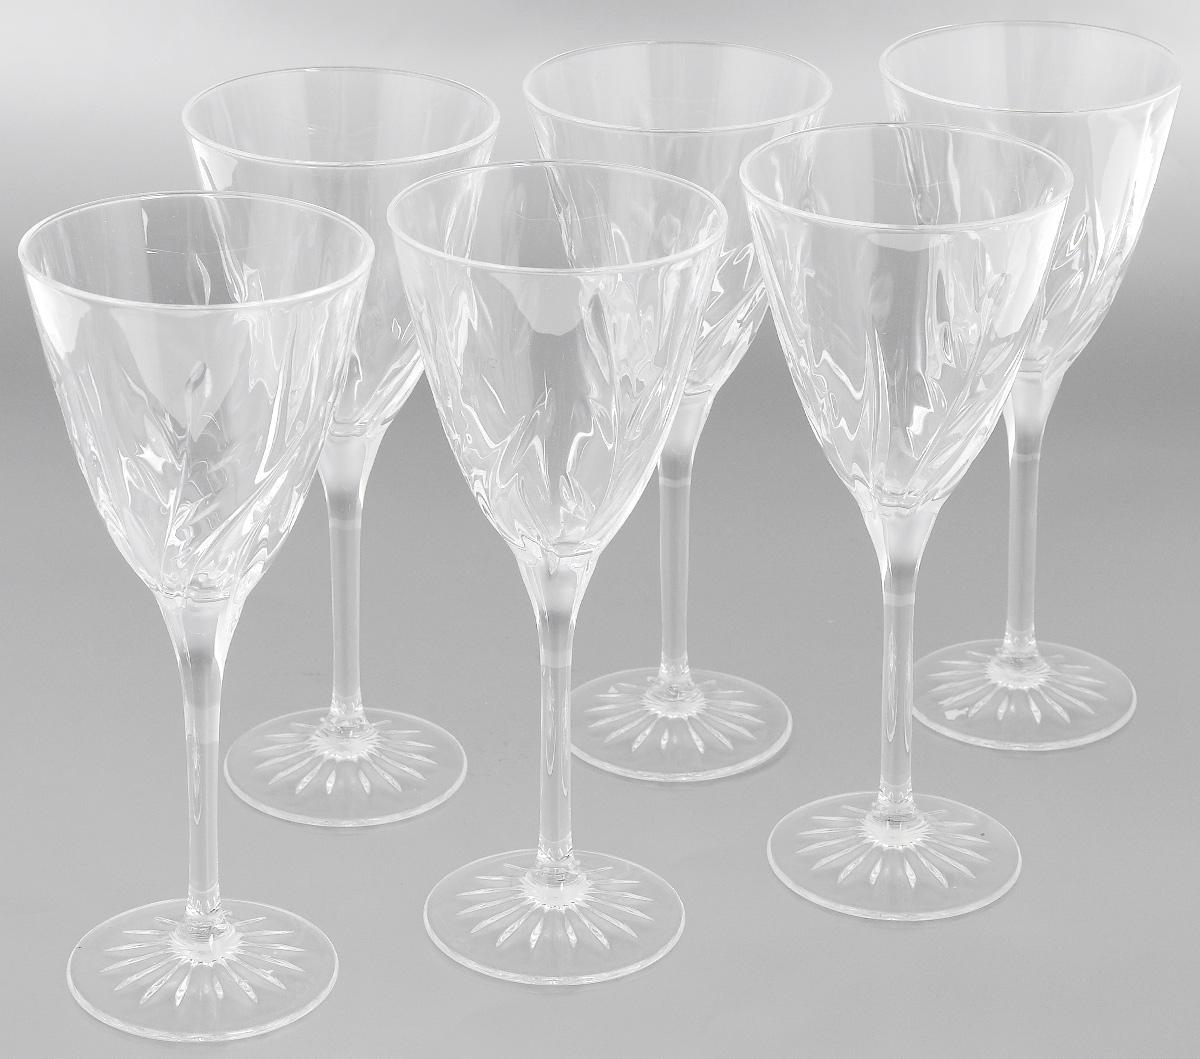 Набор фужеров Cristal dArques Cassandra, 240 мл, 6 штGE08-411Набор Cristal dArques Cassandra состоит из шести фужеров, выполненных из прочного стекла. Изделия оснащены высокими ножками и предназначены для подачи различных напитков. Они сочетают в себе элегантный дизайн и функциональность. Благодаря такому набору пить напитки будет еще вкуснее.Набор фужеров Cristal dArques Cassandra прекрасно оформит праздничный стол и создаст приятную атмосферу за романтическим ужином. Такой набор также станет хорошим подарком к любому случаю. Диаметр фужера (по верхнему краю): 8,7 см. Диаметр основания: 7 см.Высота фужера: 21 см.